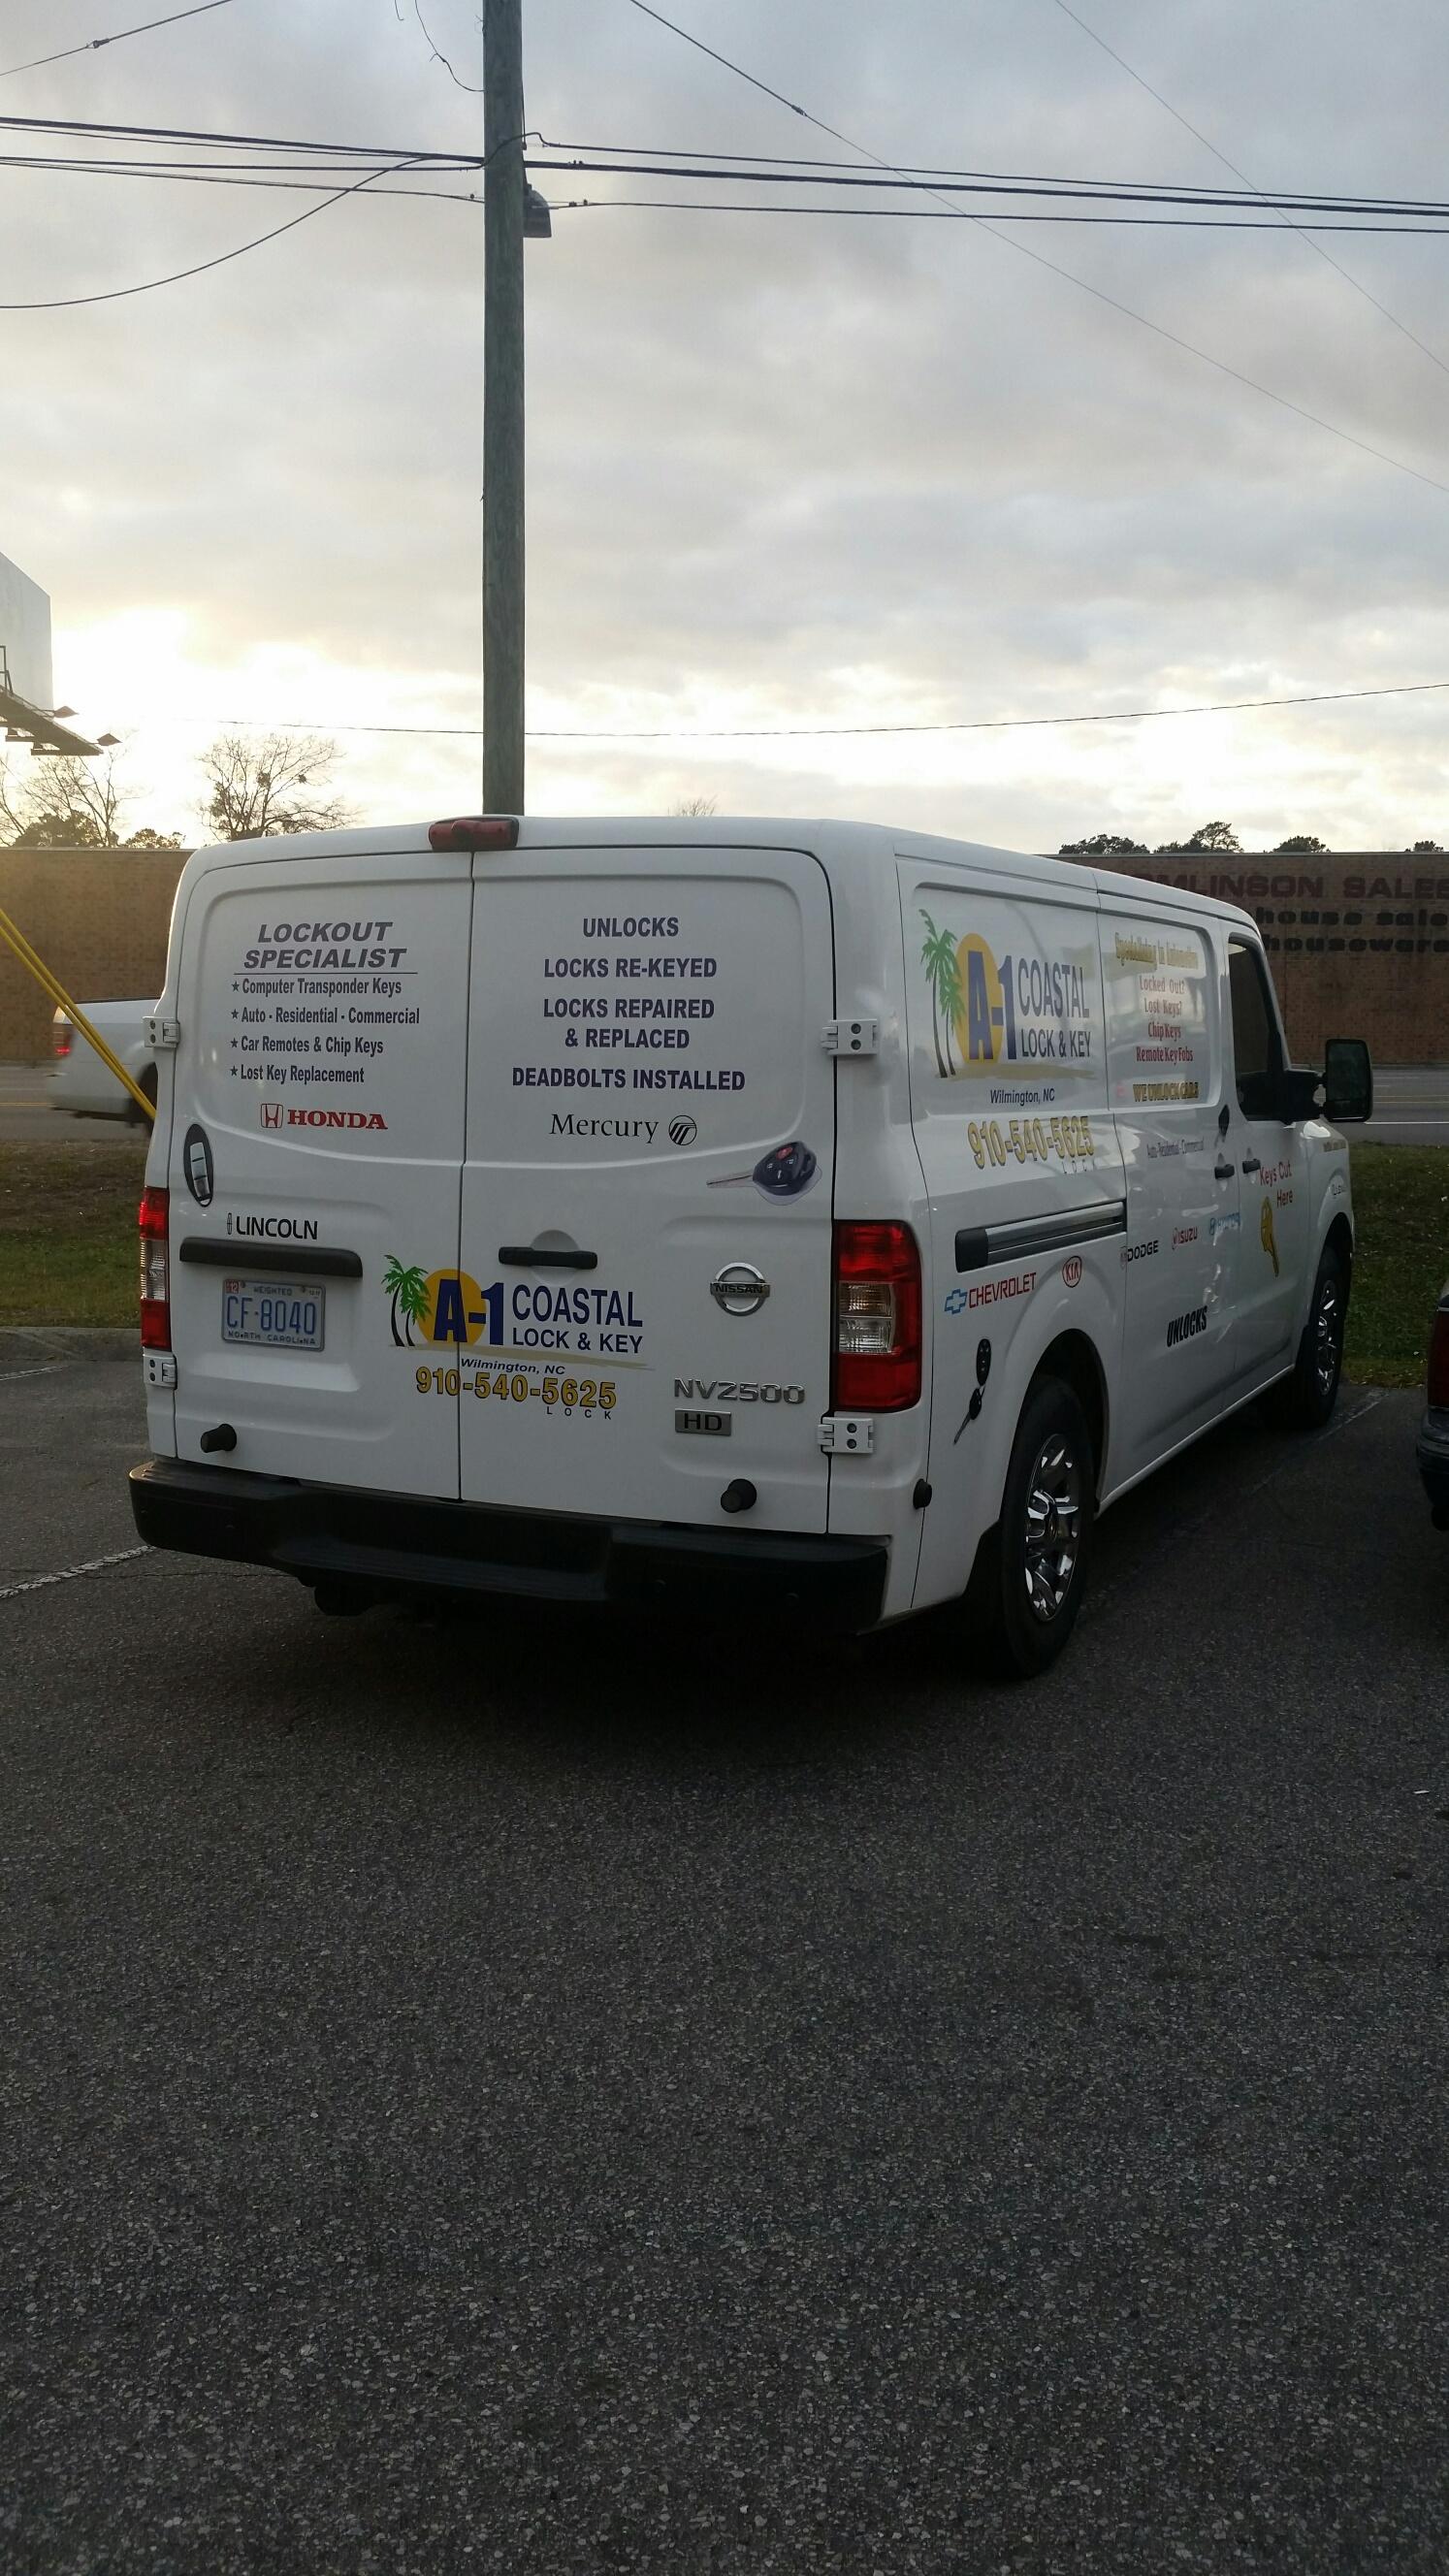 Emergency Locksmith Services Leland NC